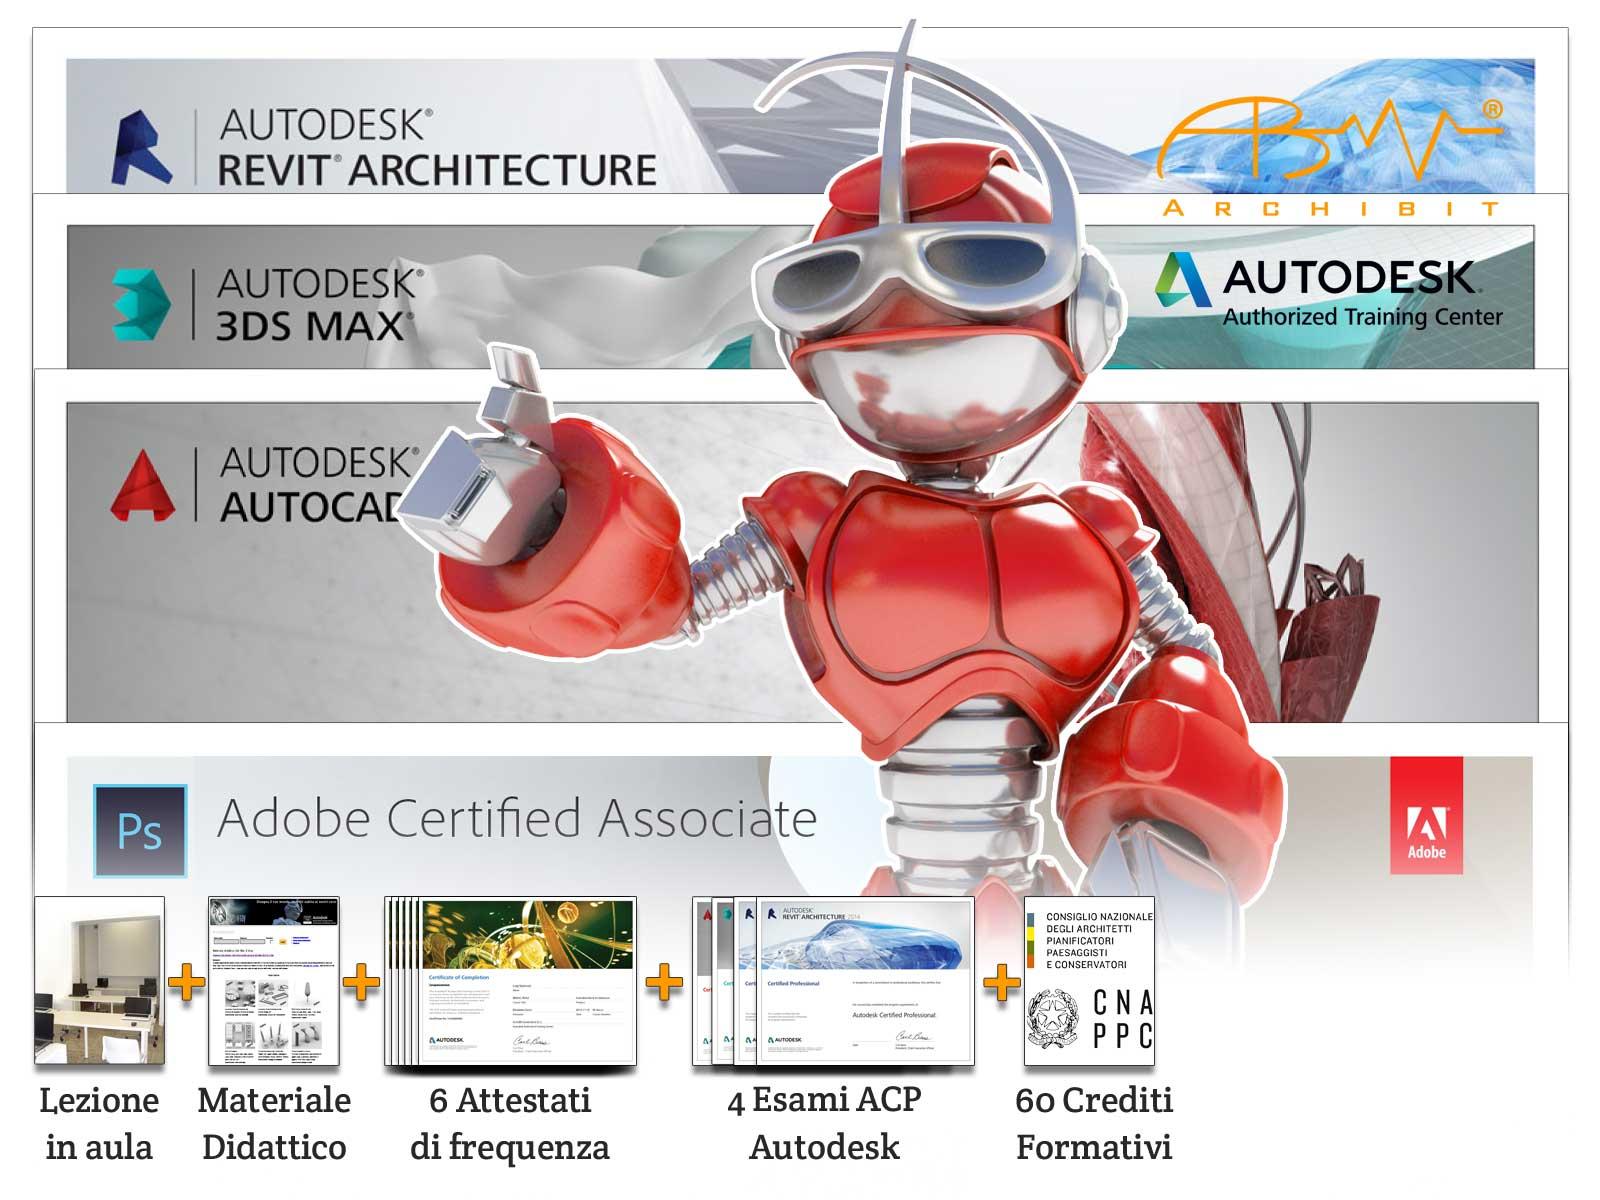 master-archibit-autodesk-adobe-qualifiche-professionali-regione-lazio-certificazioni-professional-bim-cad-revit-3ds-max-photoshop-corsi-grafica-roma